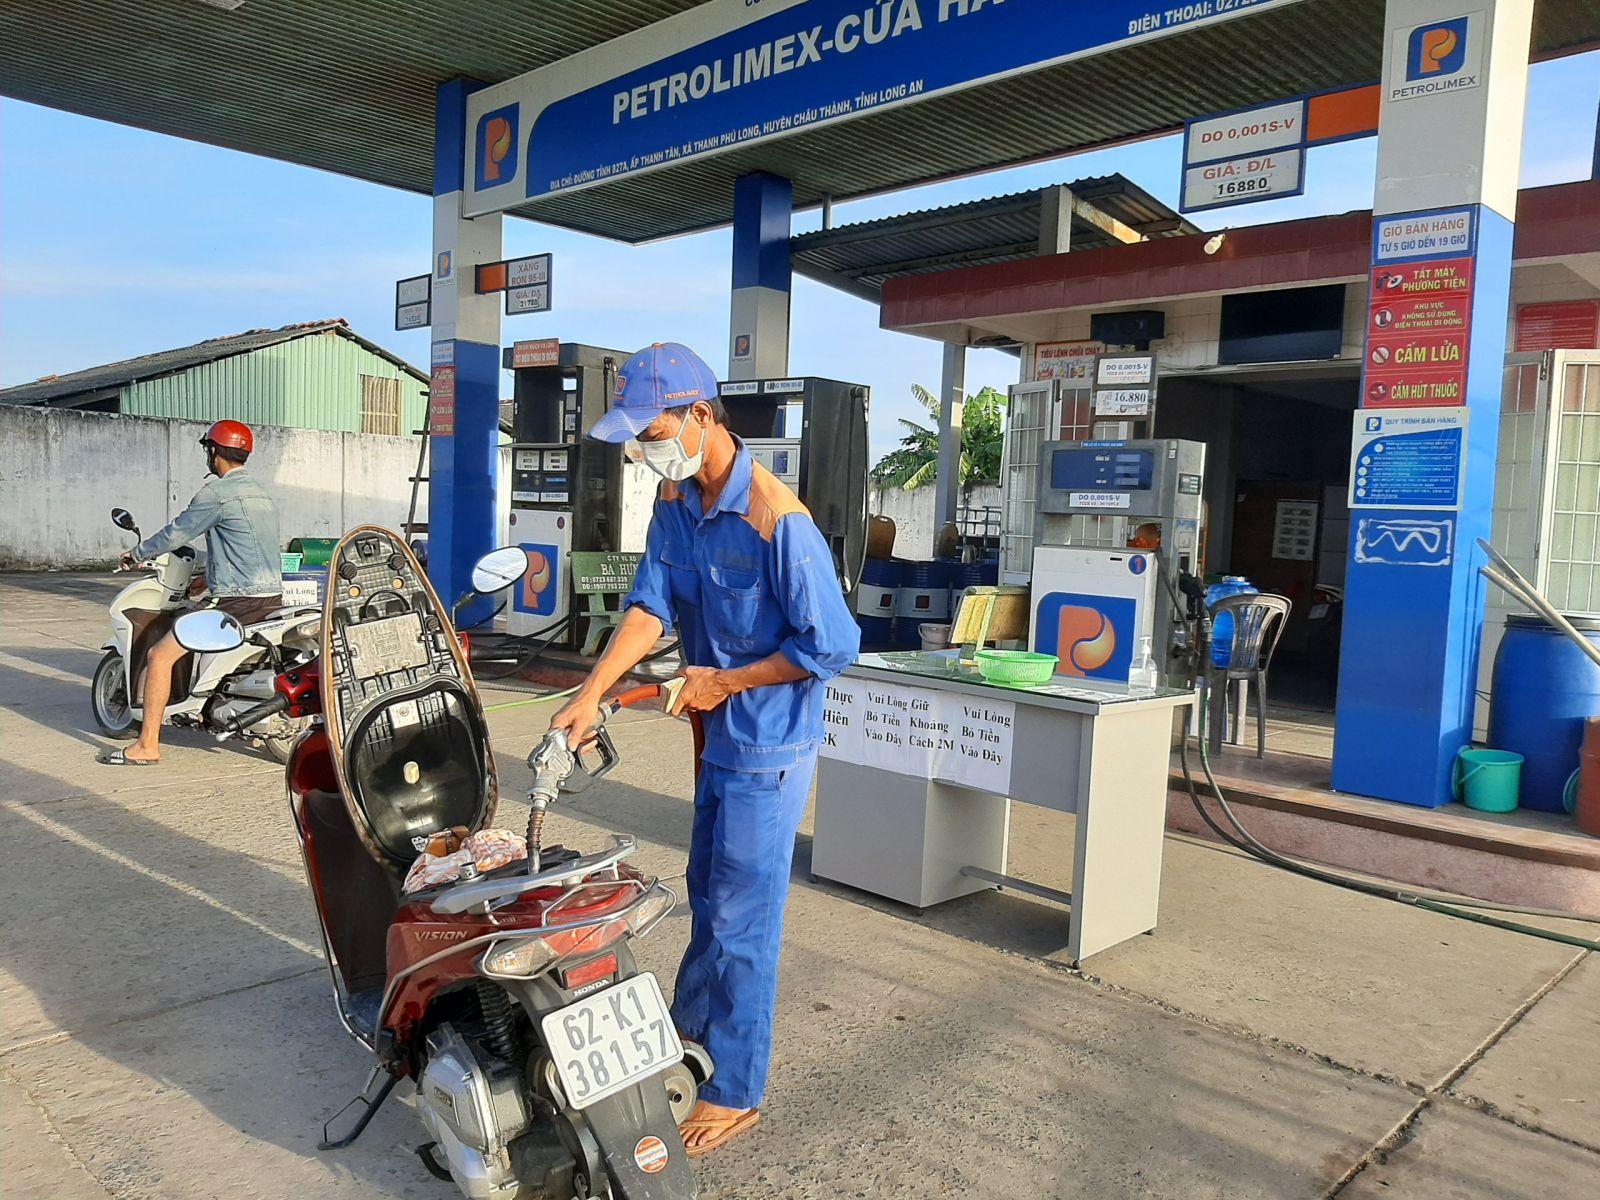 Sau khi mở nắp bình xăng xe, khách hàng đứng lùi lại 2m trong lúc nhân viên đang đổ xăng